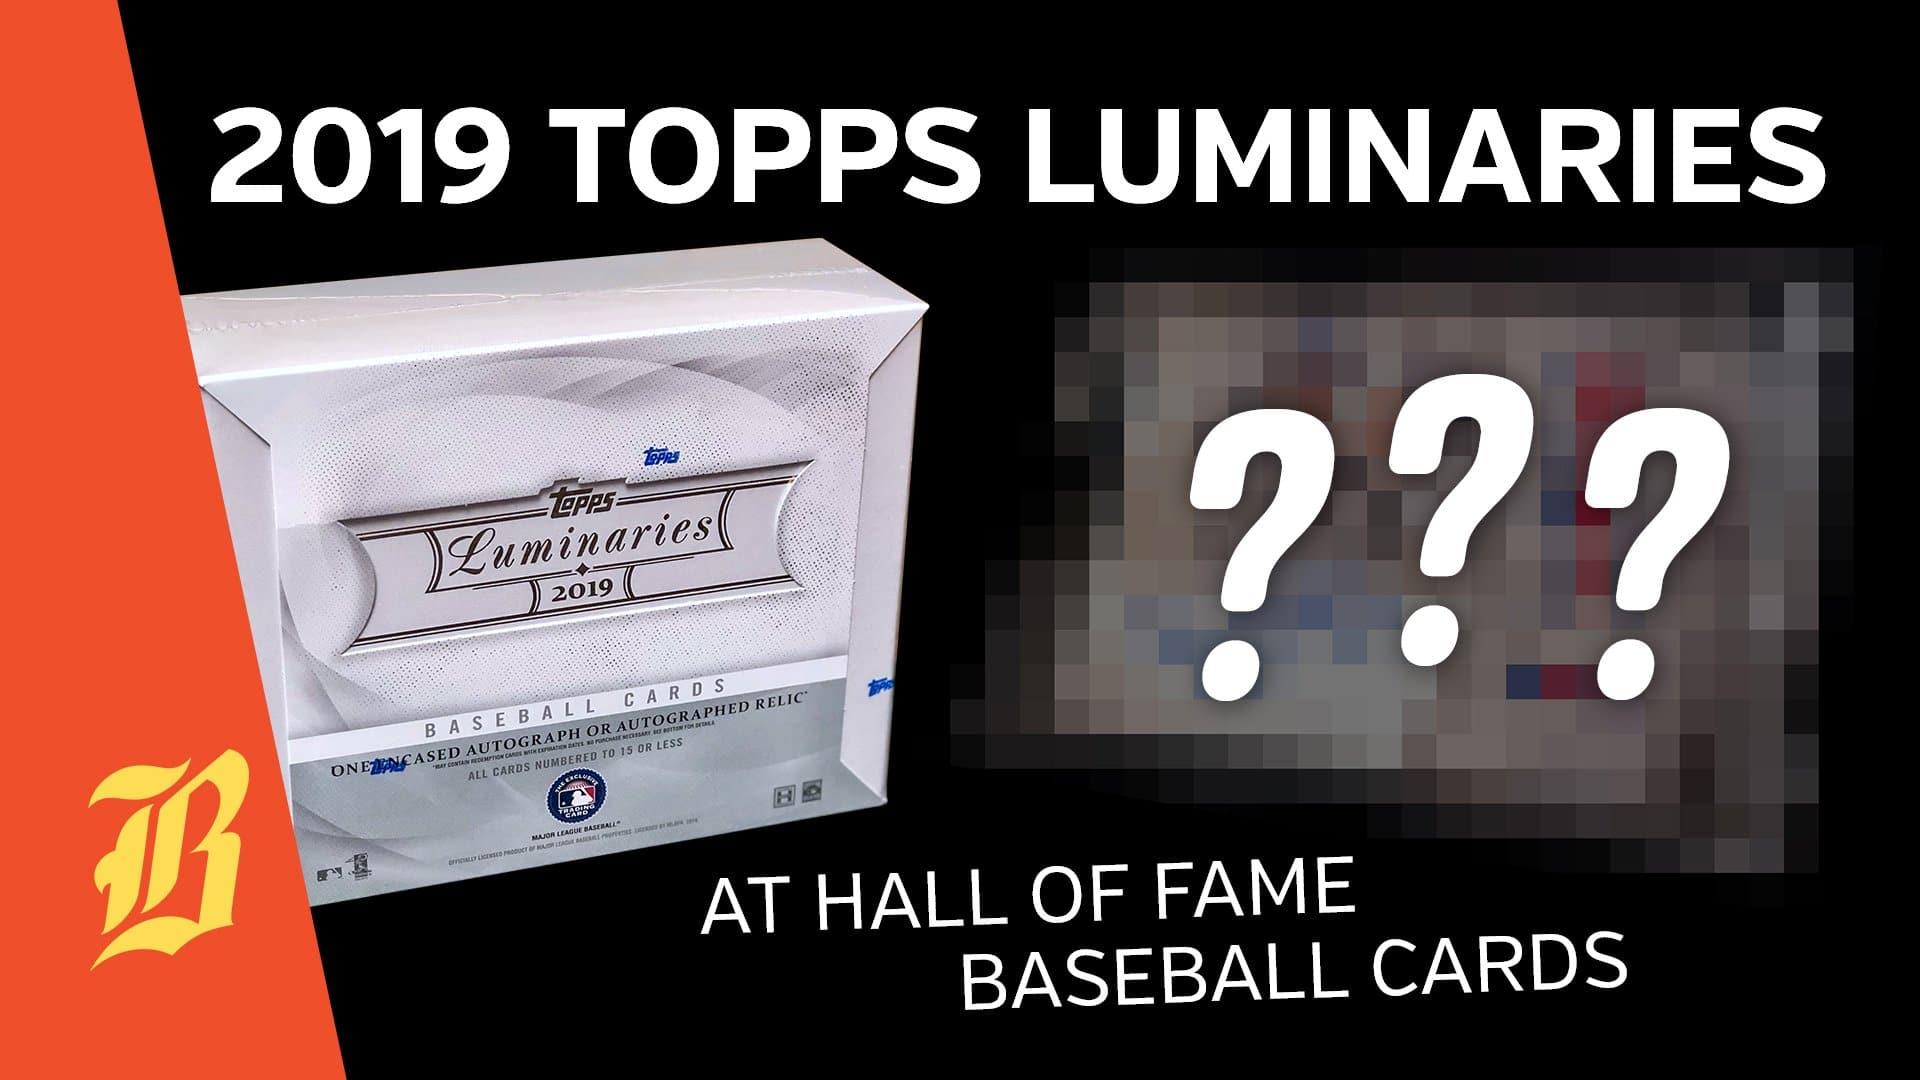 2019 Topps Luminaries